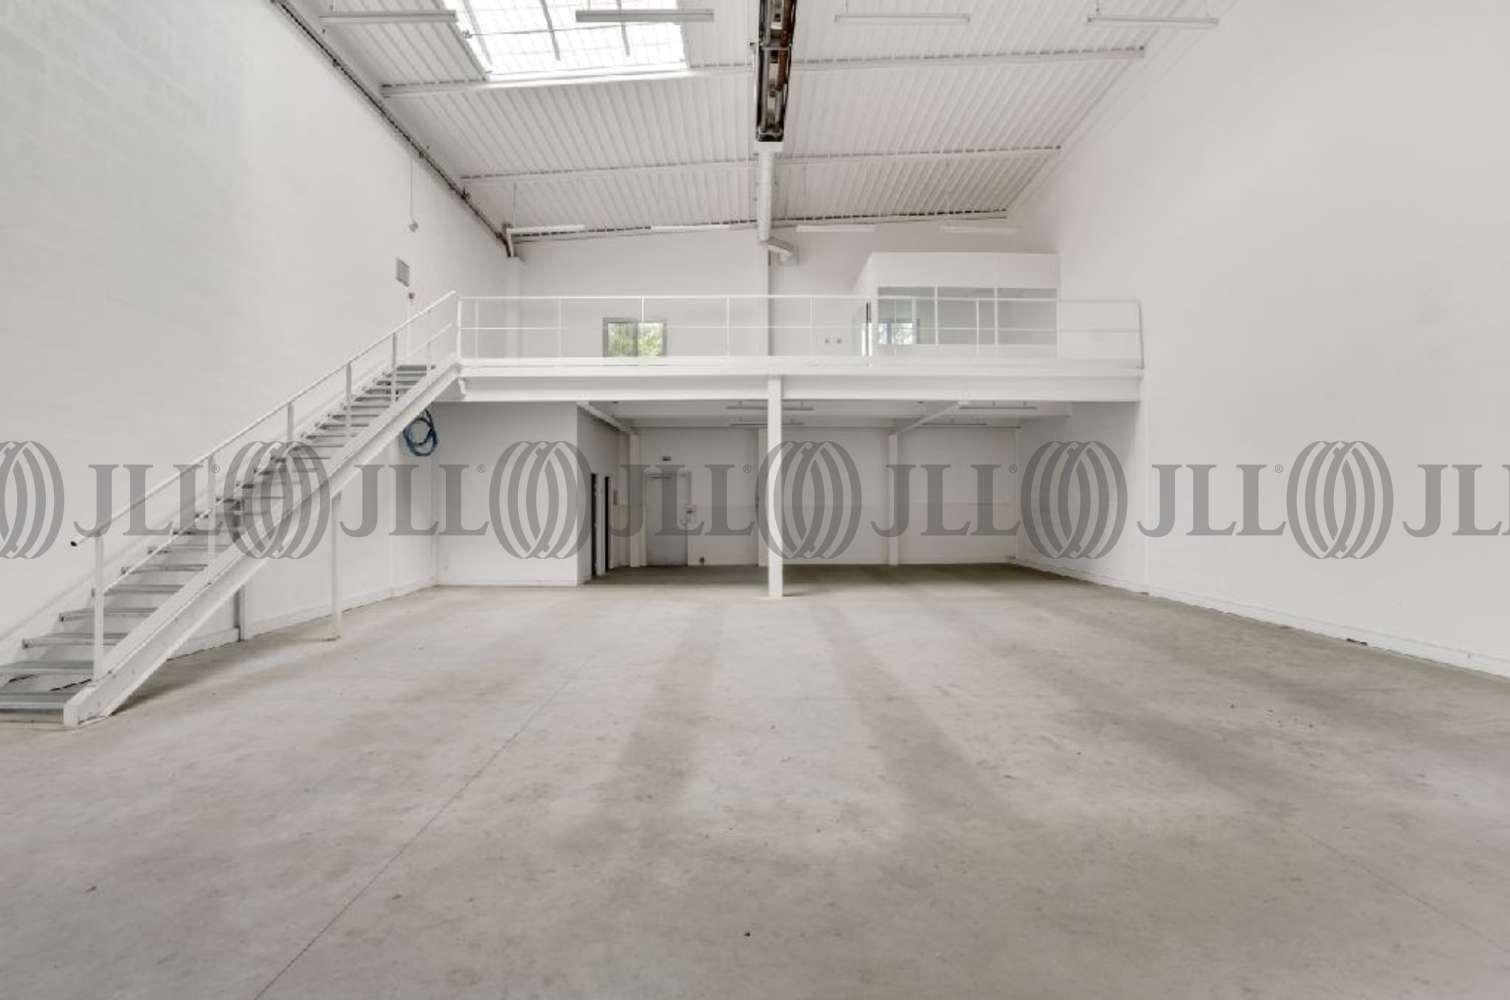 Activités/entrepôt Palaiseau, 91120 - IDF SUD / AUTRE - 9586499